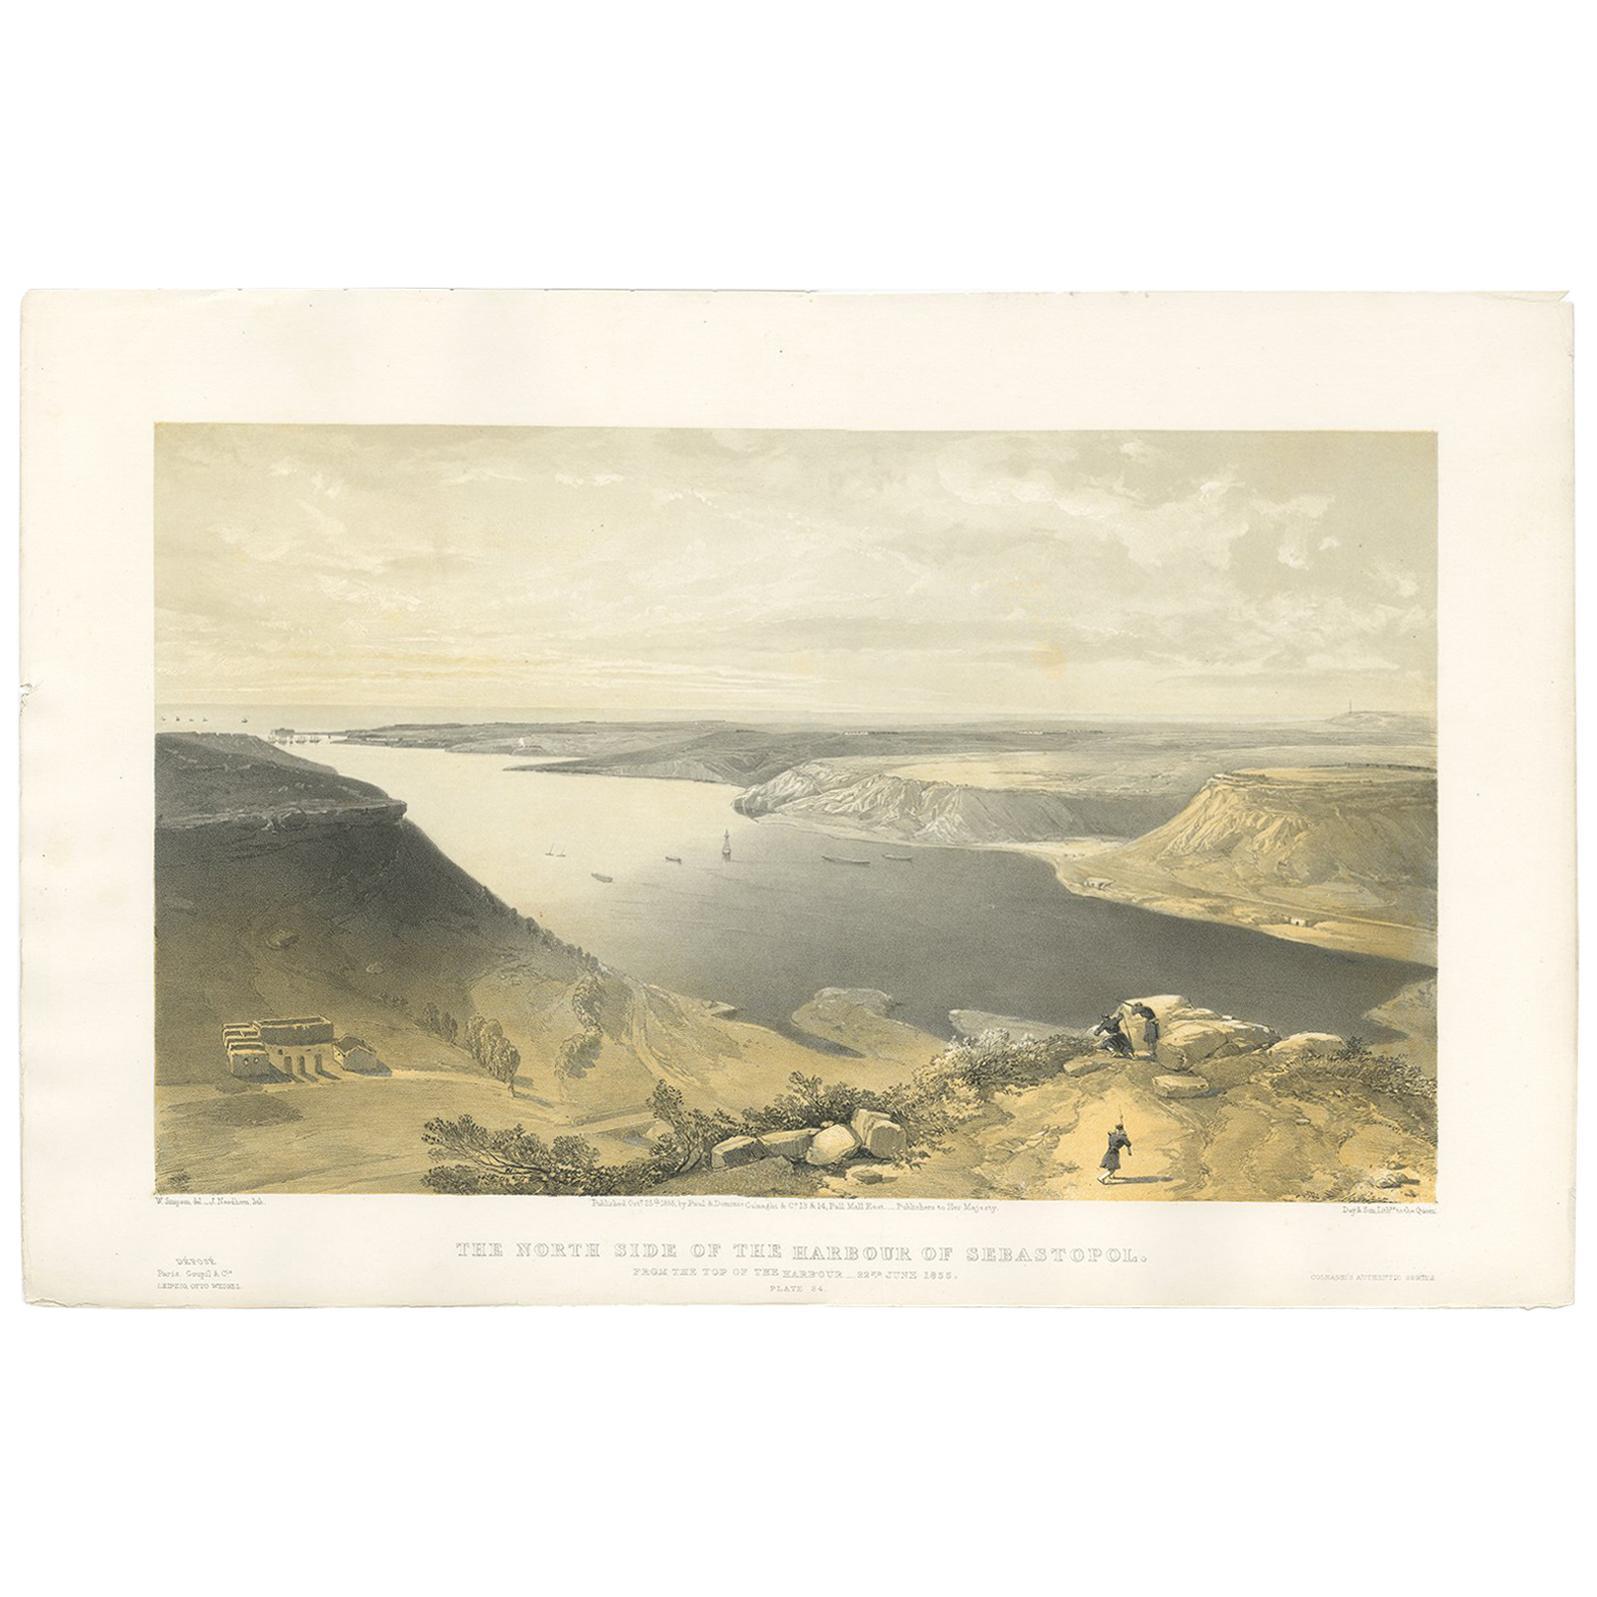 Antique Print of the Harbour of Sebastopol 'Crimean War' by W. Simpson, 1855